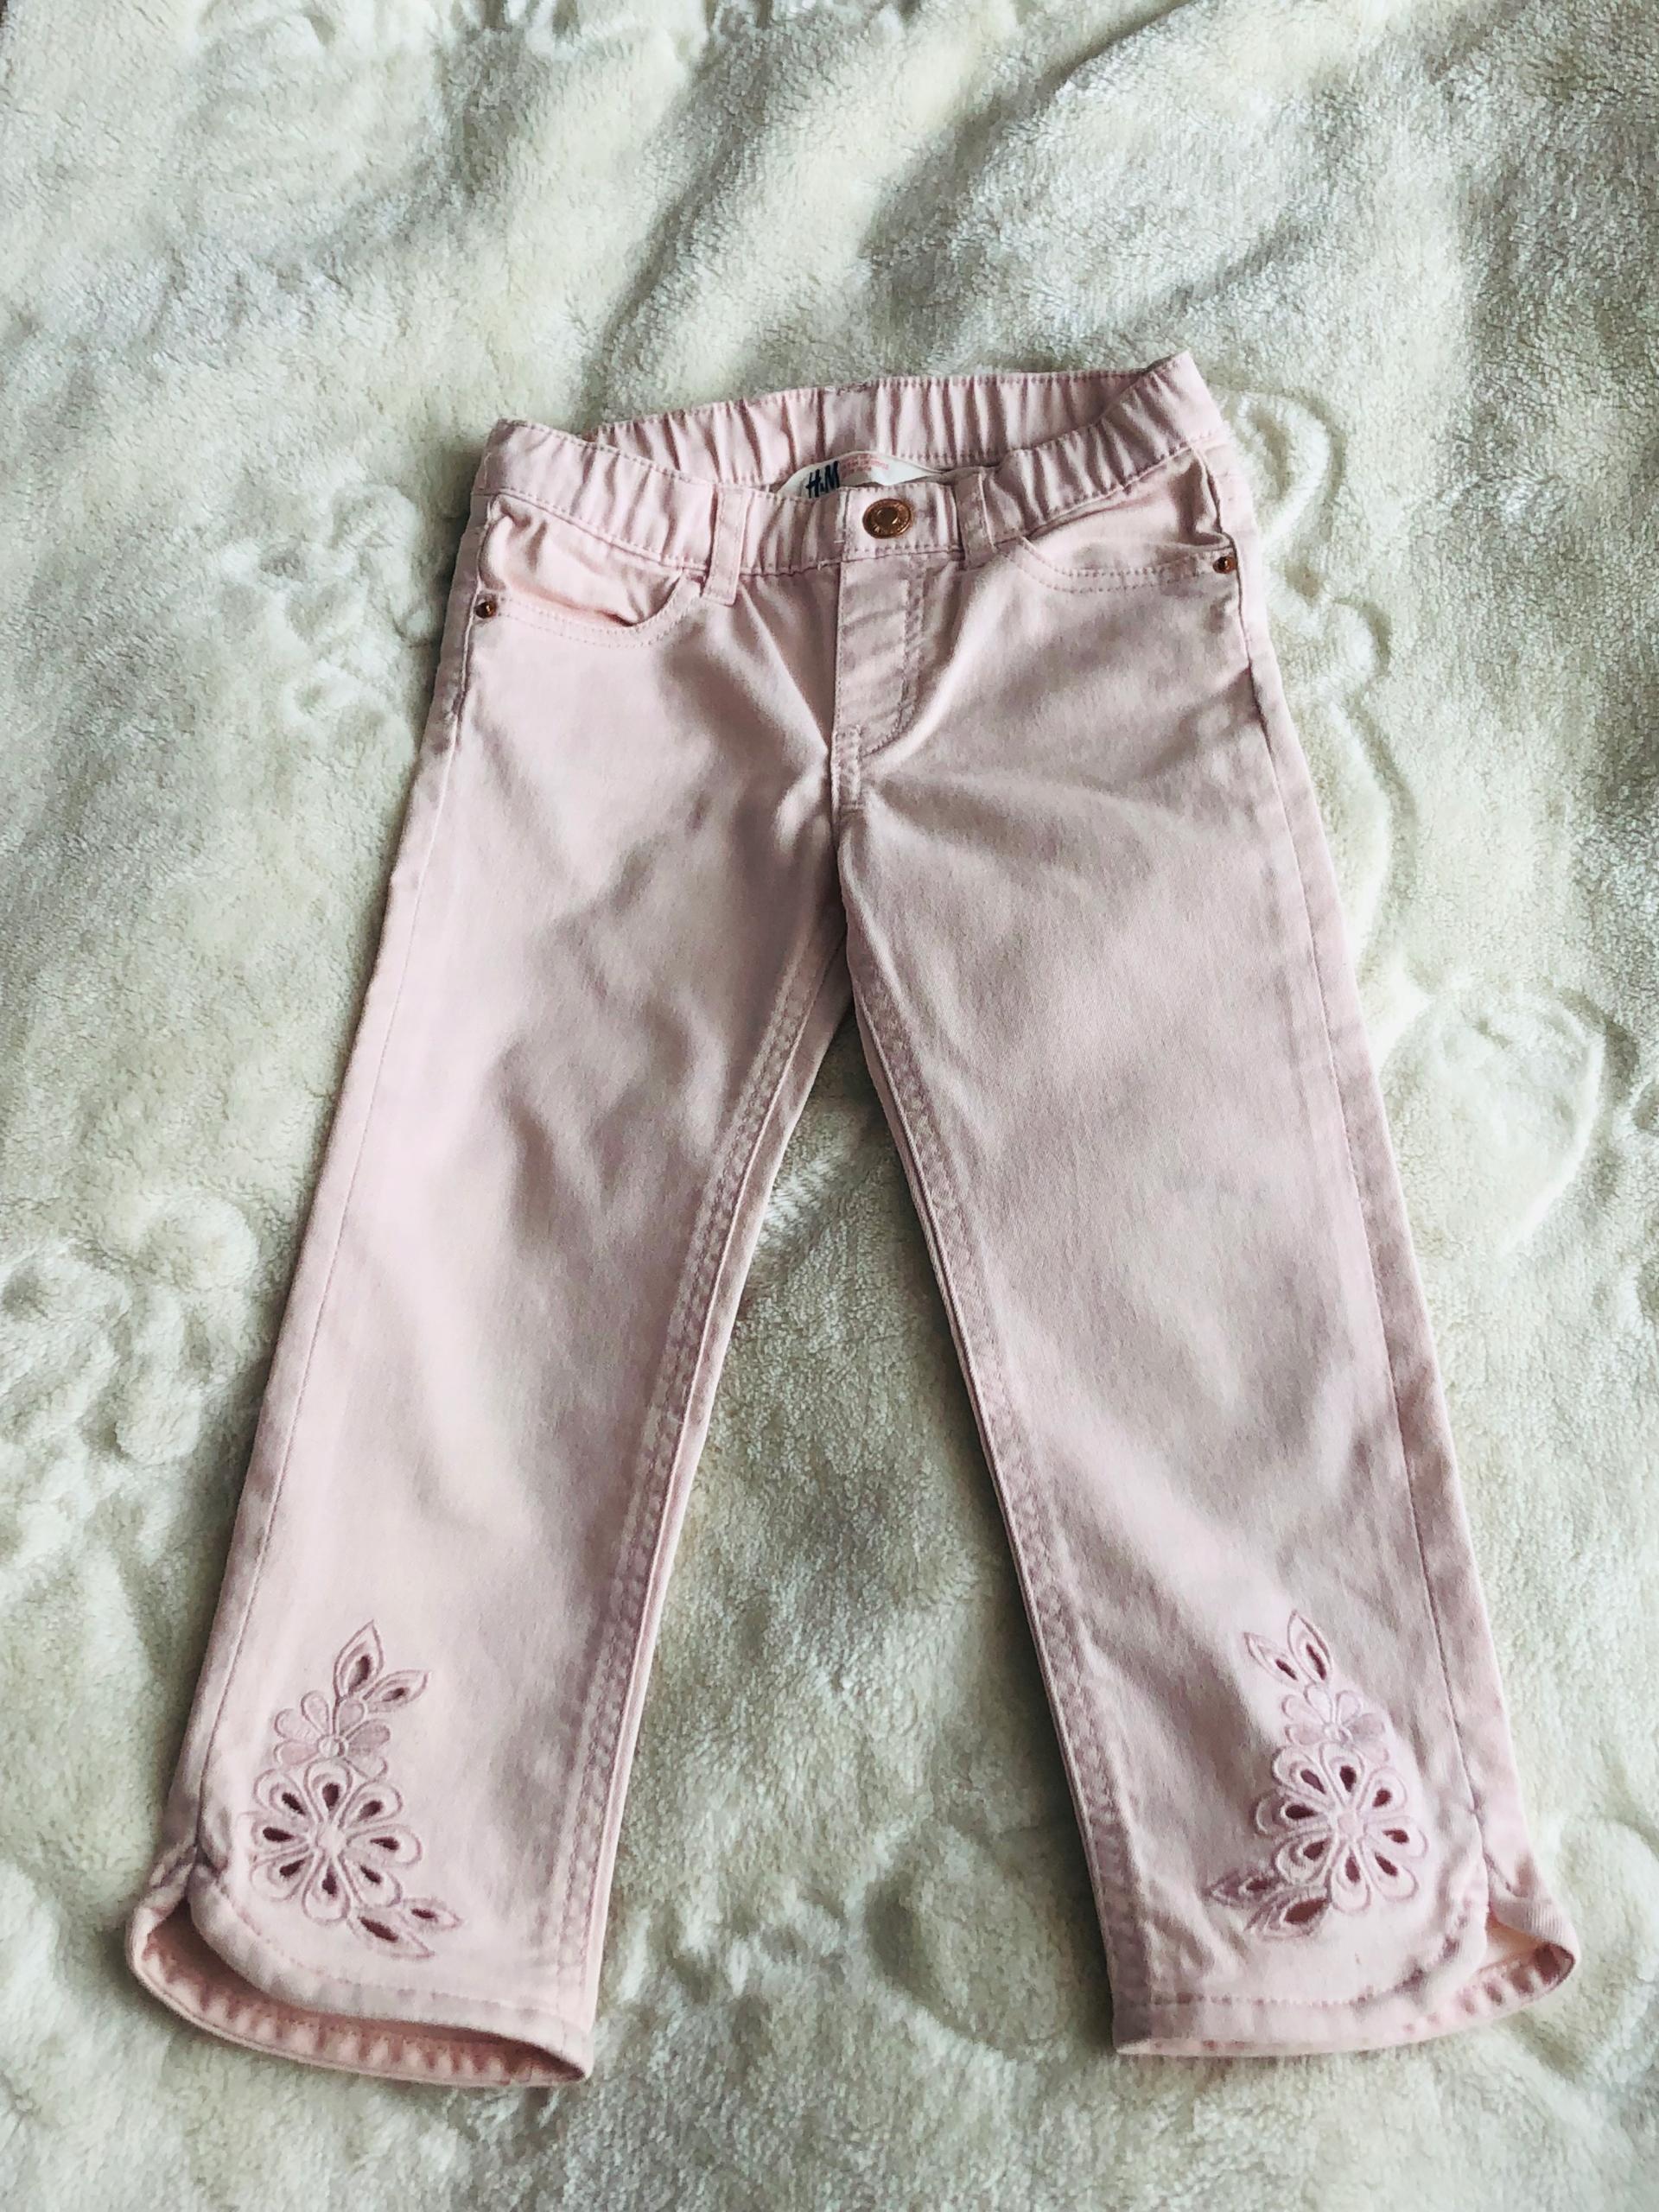 H&m jeansy bady roz hafty 116